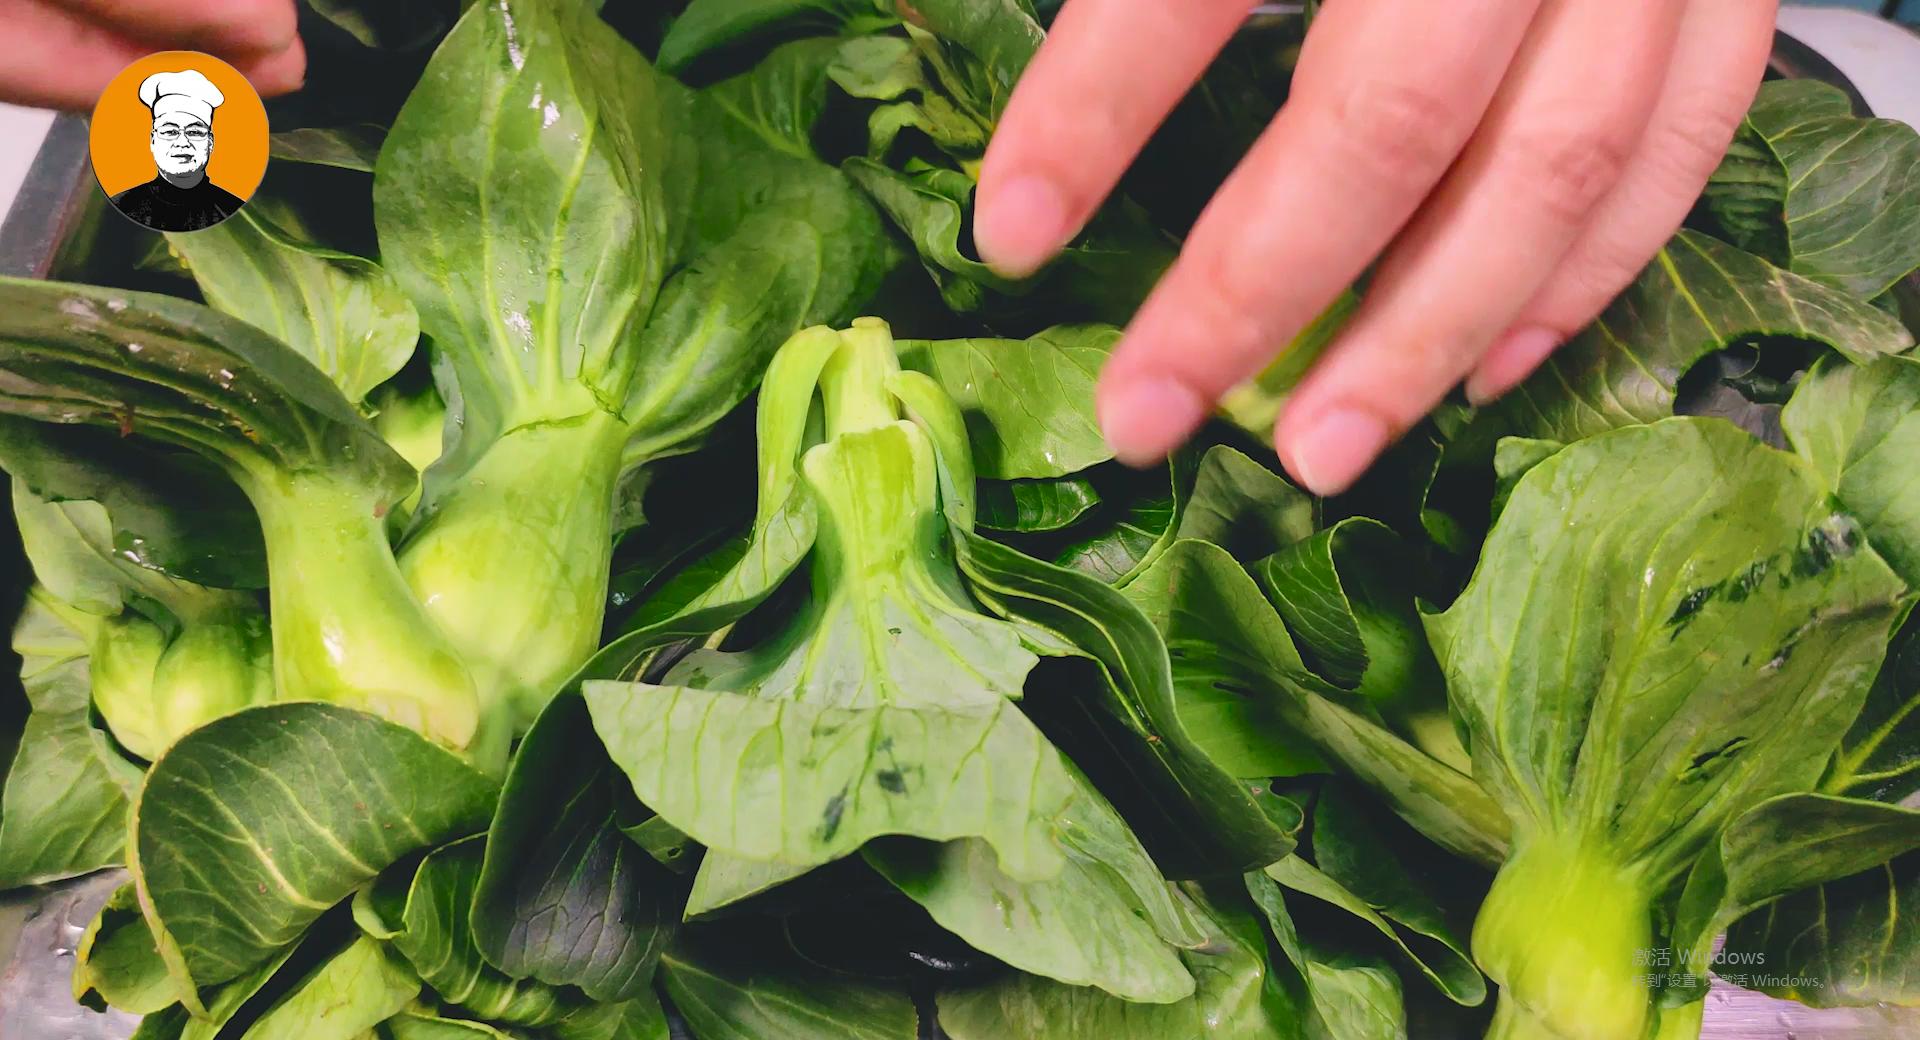 在家也能做大厨,炒青菜好吃有诀窍,记住这3点,翠绿入味有营养